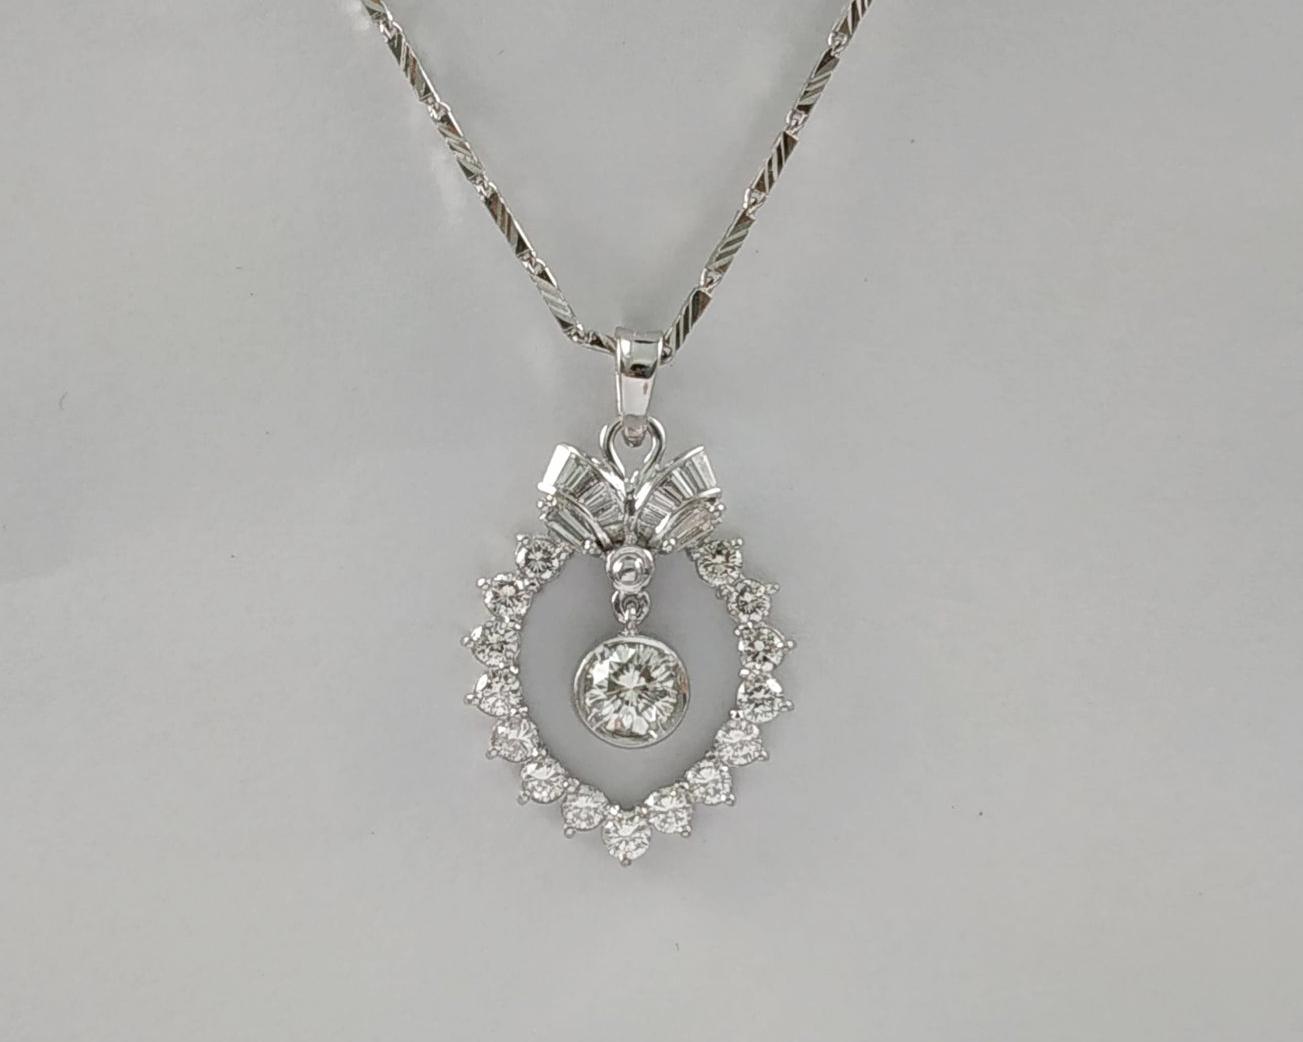 順利當舖  1.05ct 華麗造型台淑女鑽石墜子項鍊